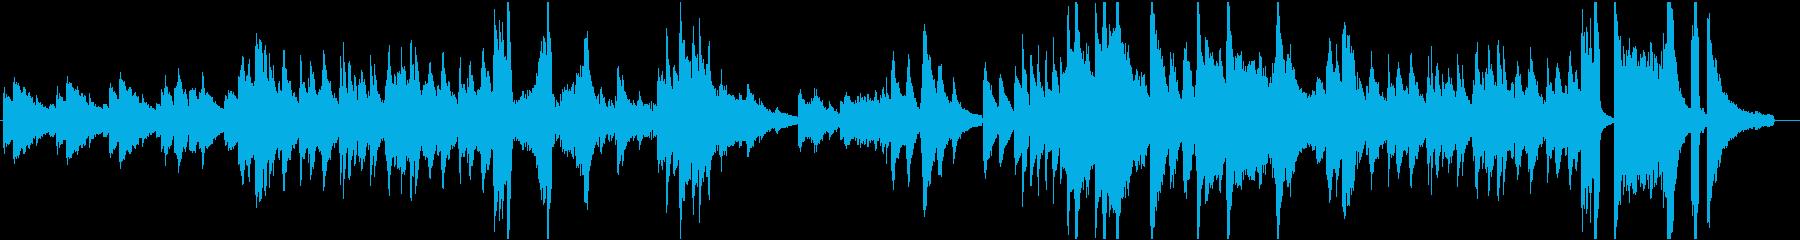 近代クラシック風のソロピアノ曲の再生済みの波形